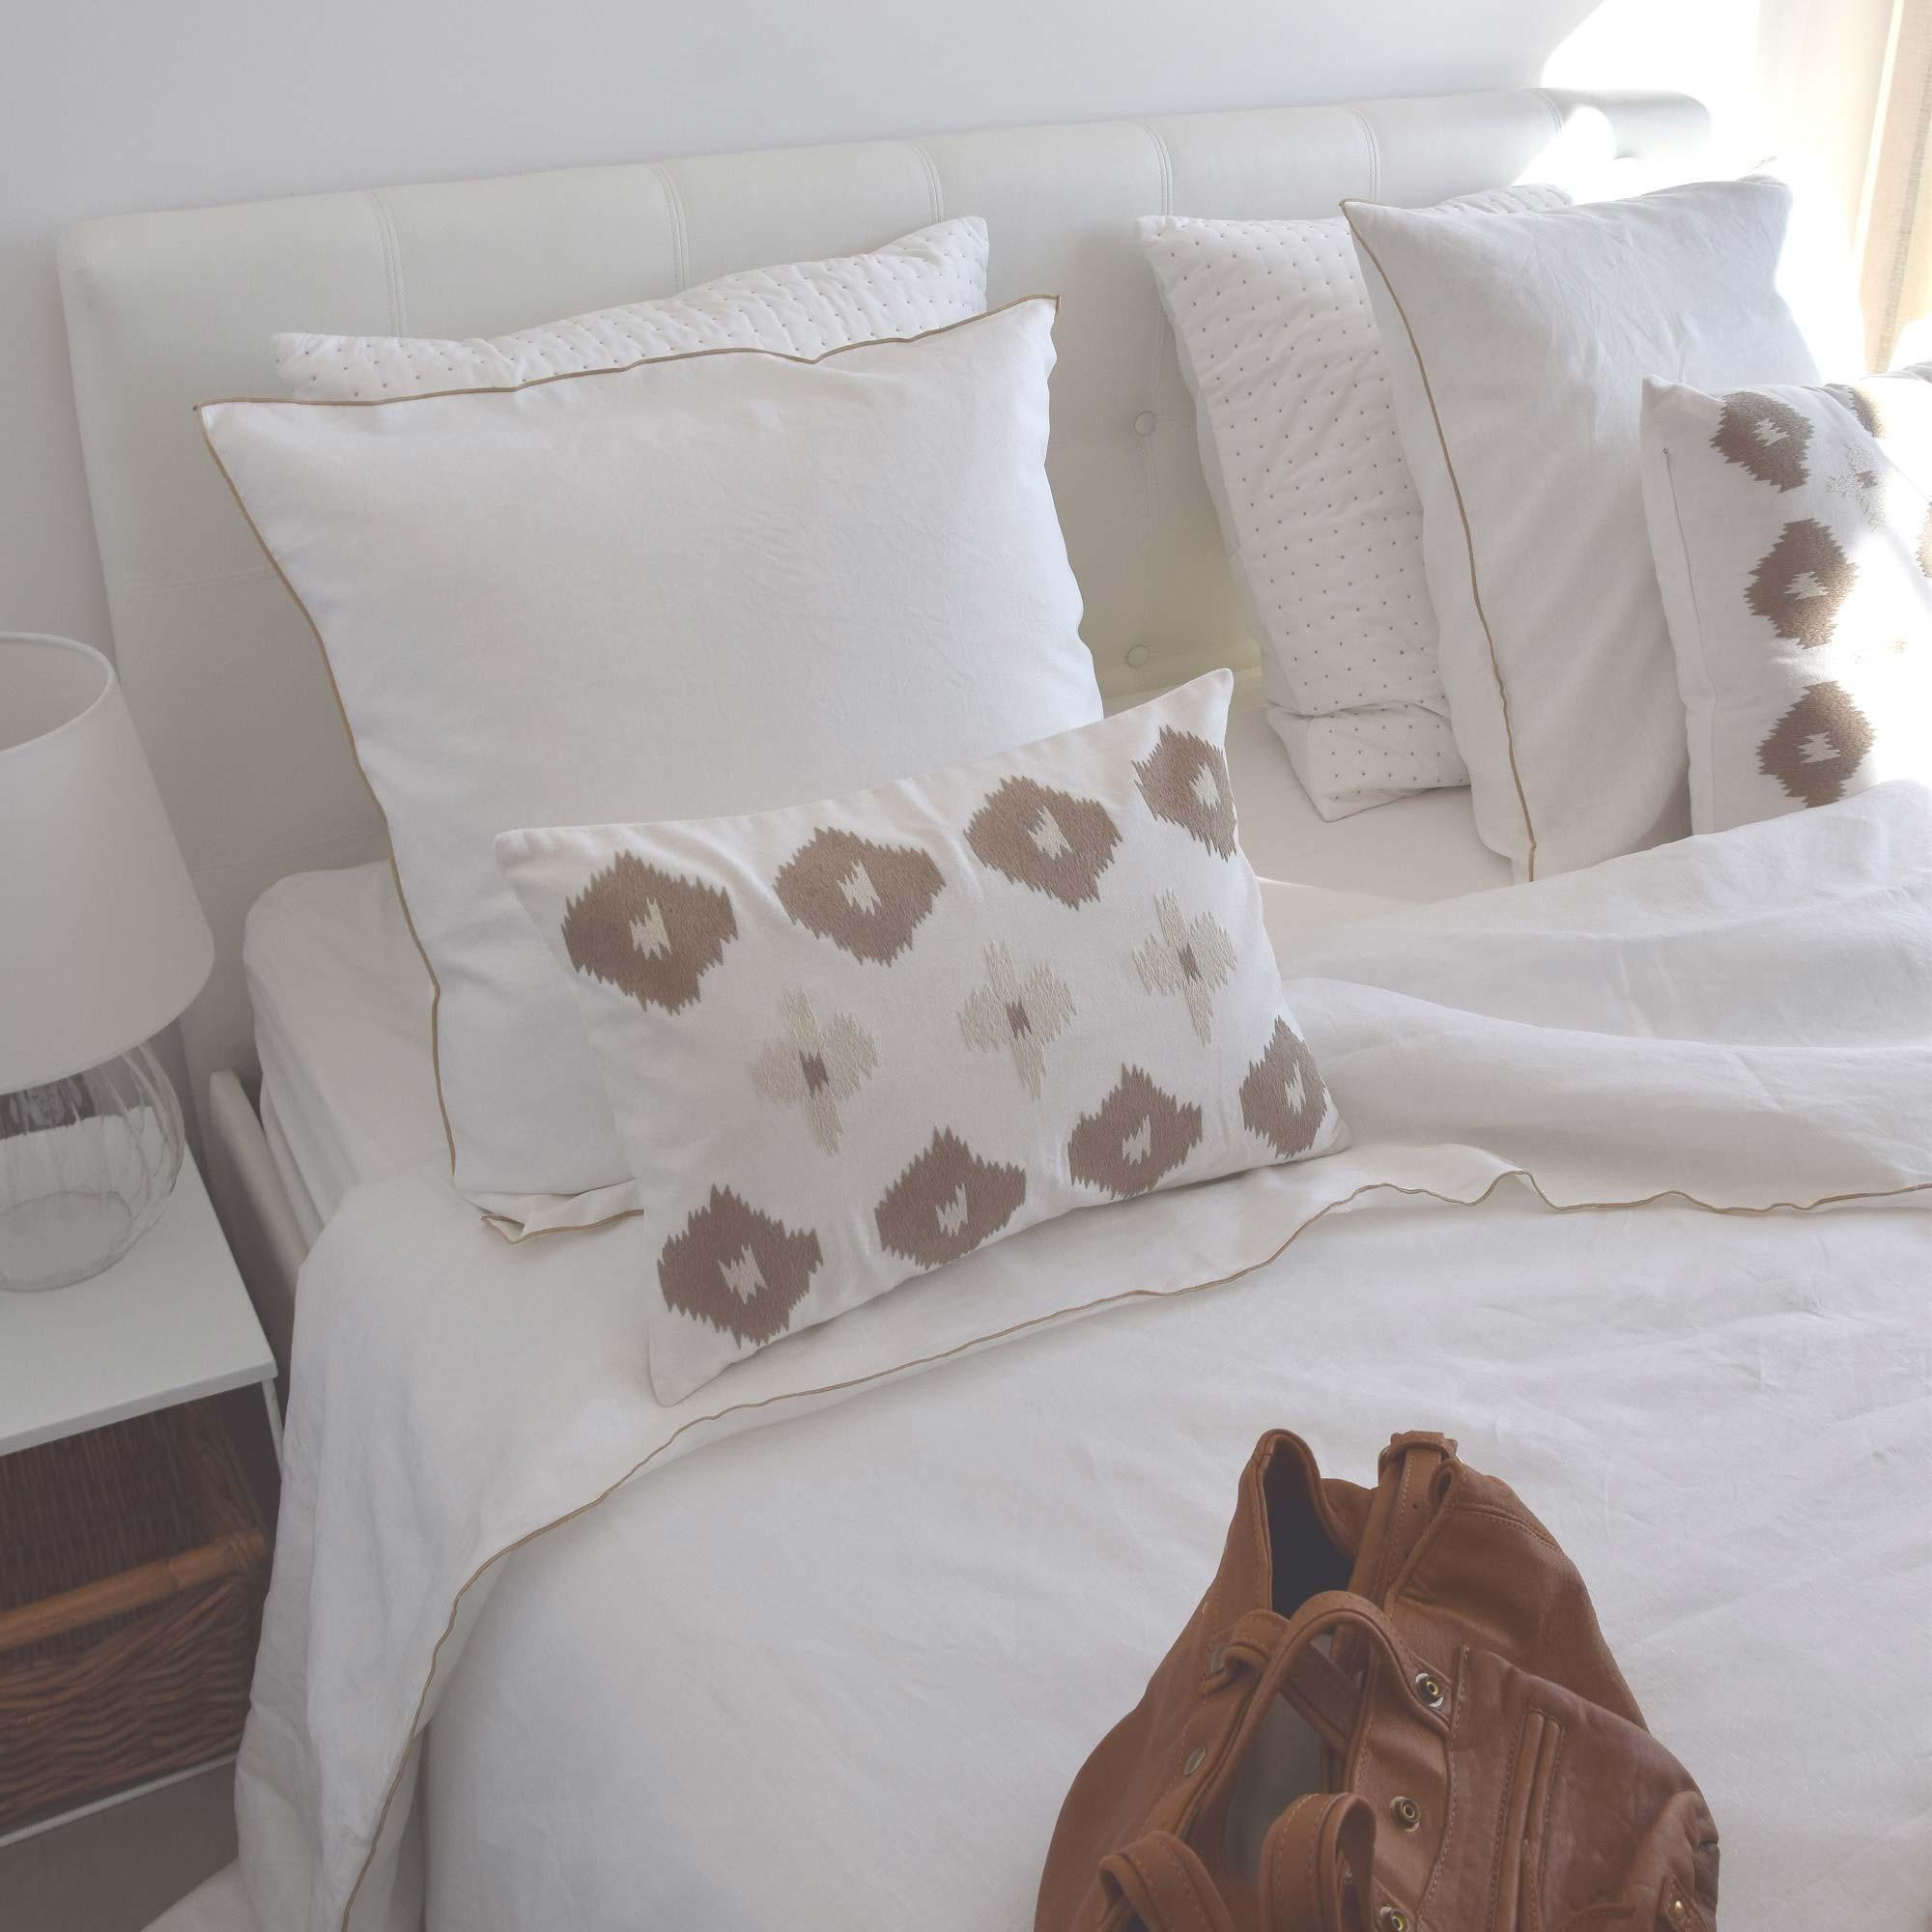 housse de couette en lin lav blanc bourdon naturel. Black Bedroom Furniture Sets. Home Design Ideas